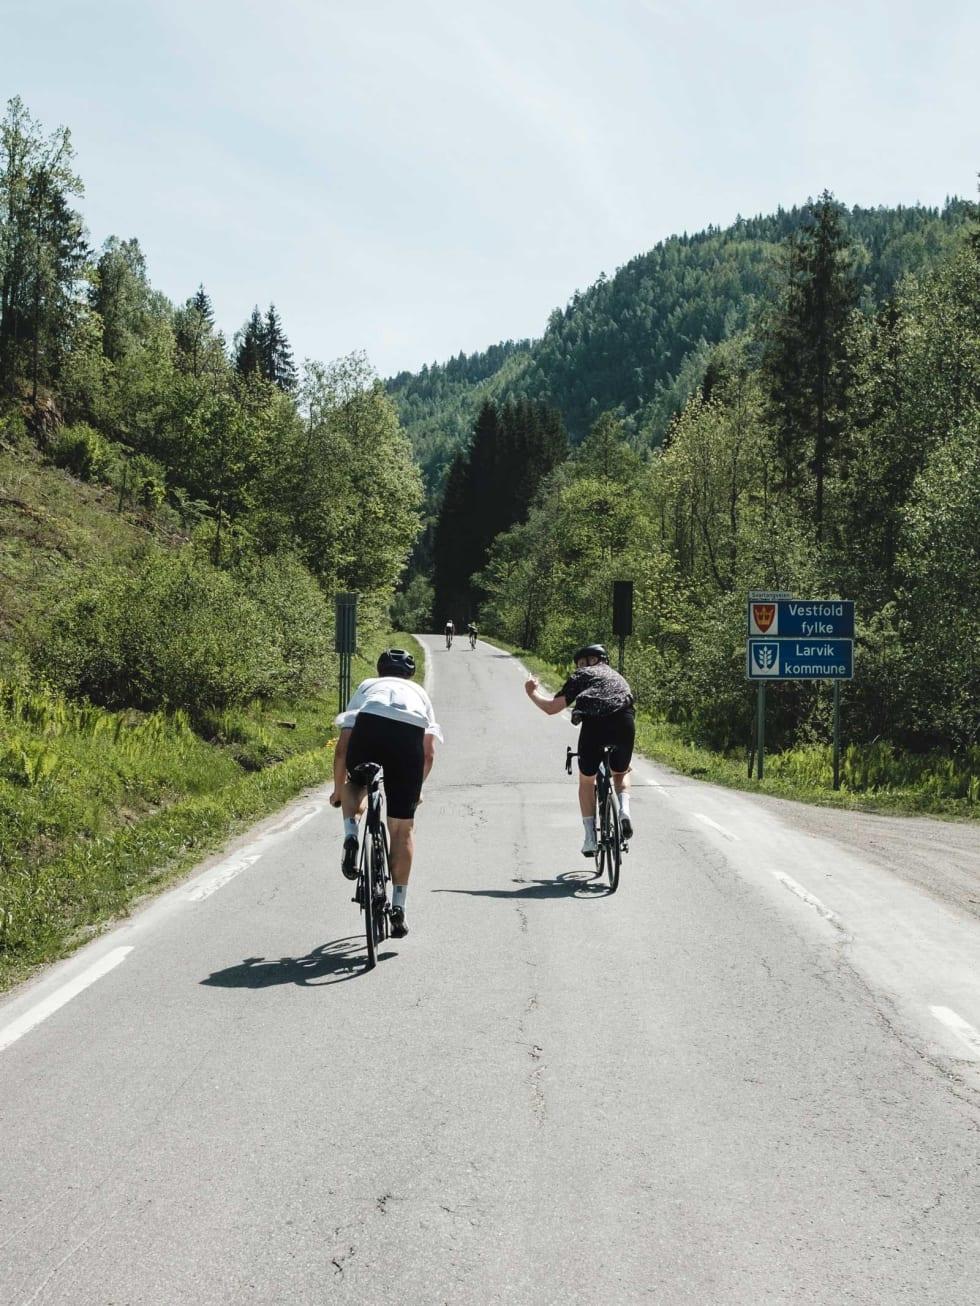 Up yours: Joakim knuser Peter i skiltspurt på vei ut av Telemark fylke. Turen har usedvanlig få skiltspurter, benytt deg av sjansen mens du kan.